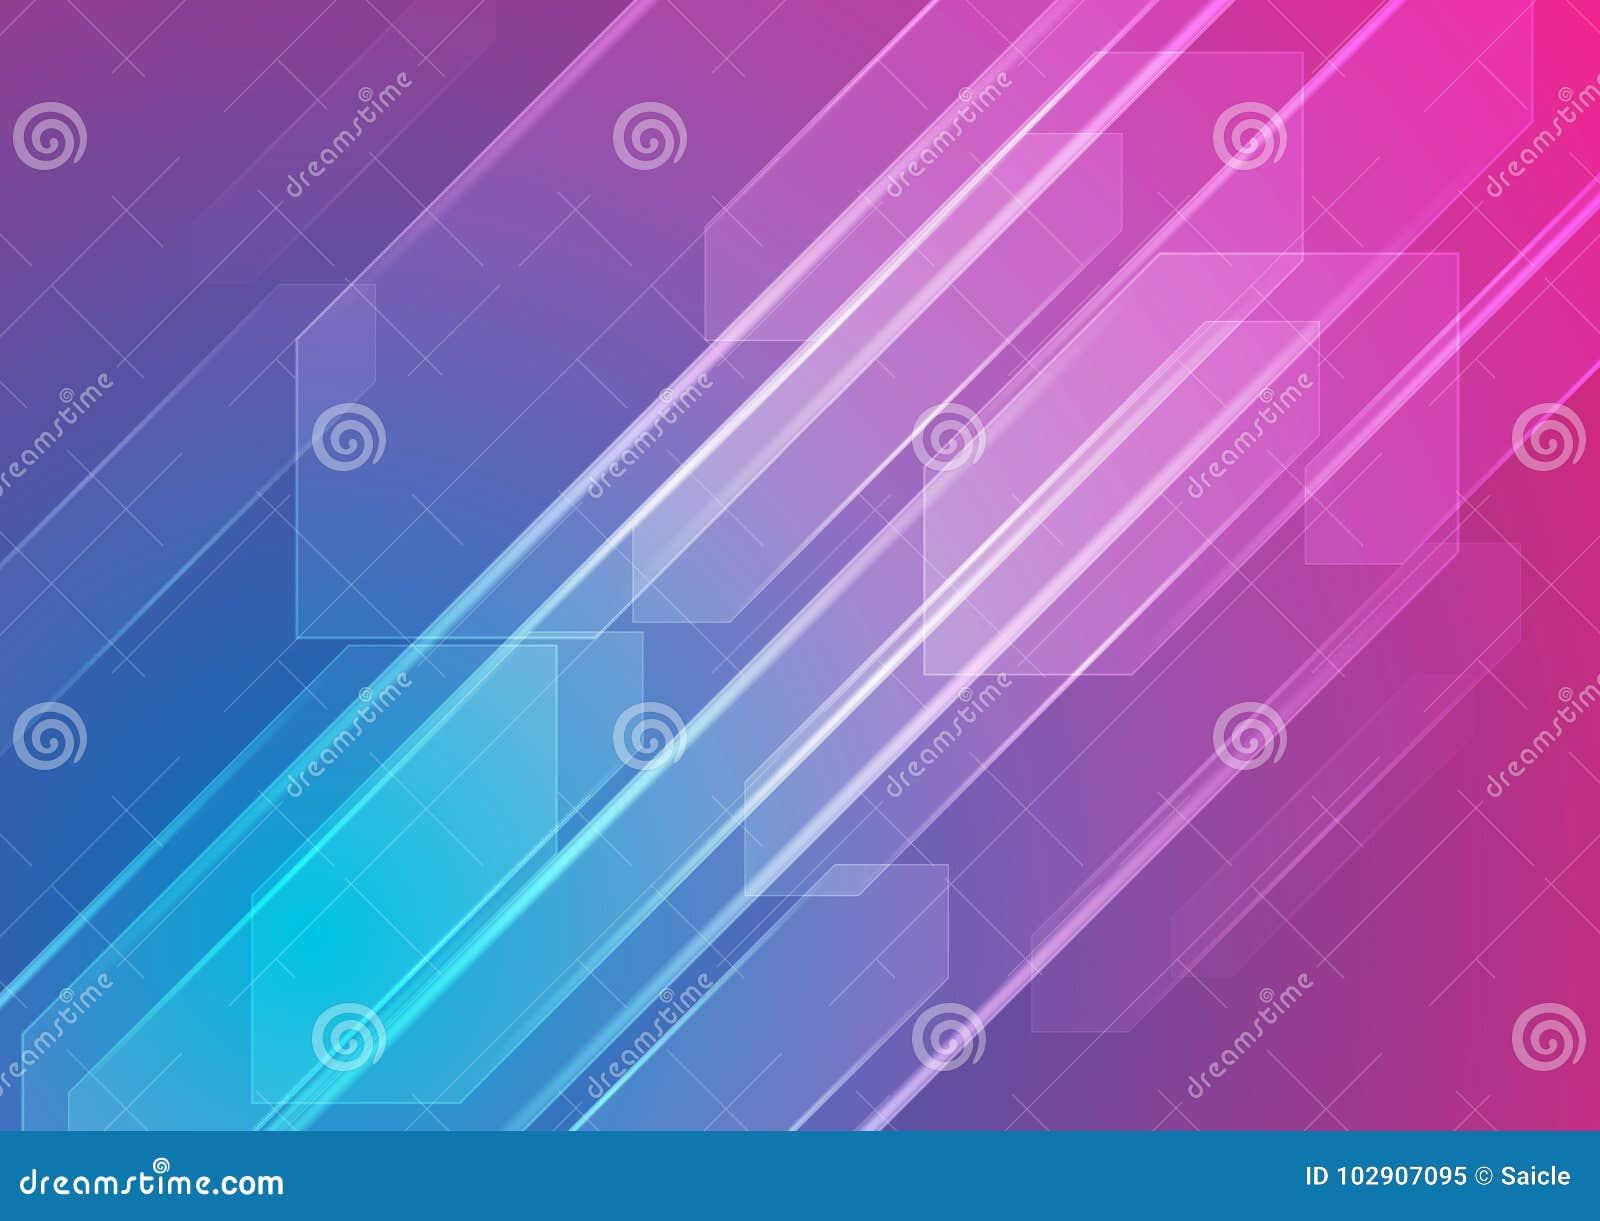 Ζωηρόχρωμο μπλε και πορφυρό αφηρημένο υπόβαθρο τεχνολογίας